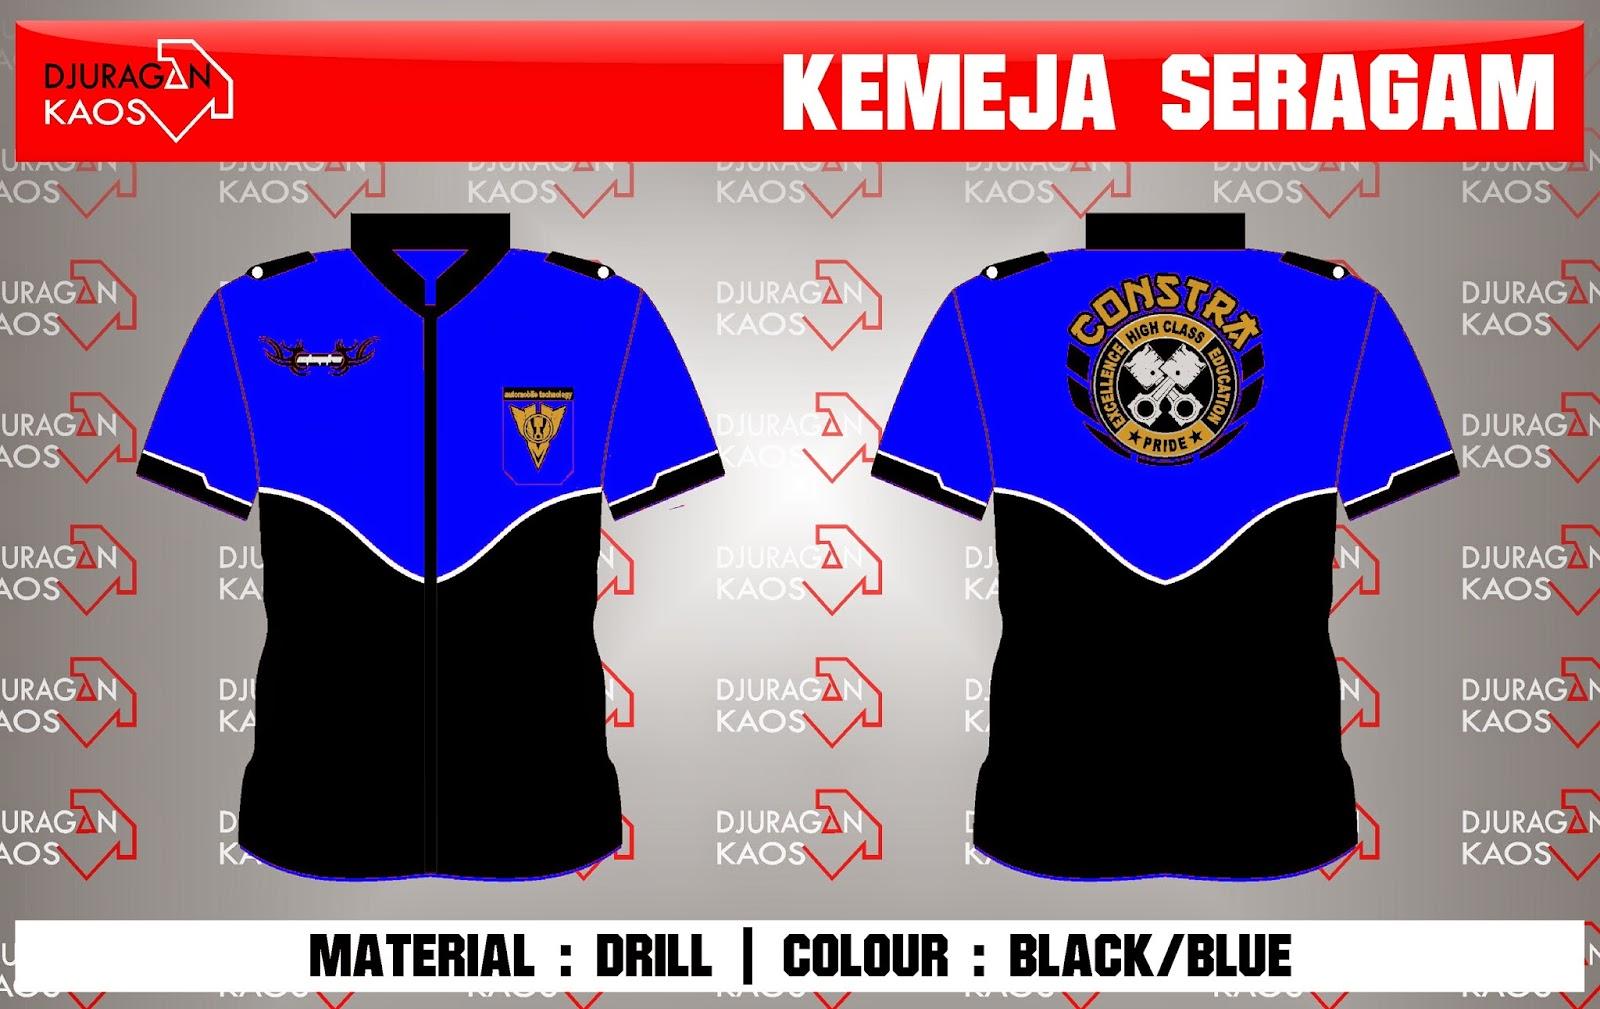 Accecories Design Order By Smk Islam Al Himah Mayong Jepara Type Kemeja Seragam Material Drill Colour Black Blue Quantity Pcs Diposting Djuragan Kaos